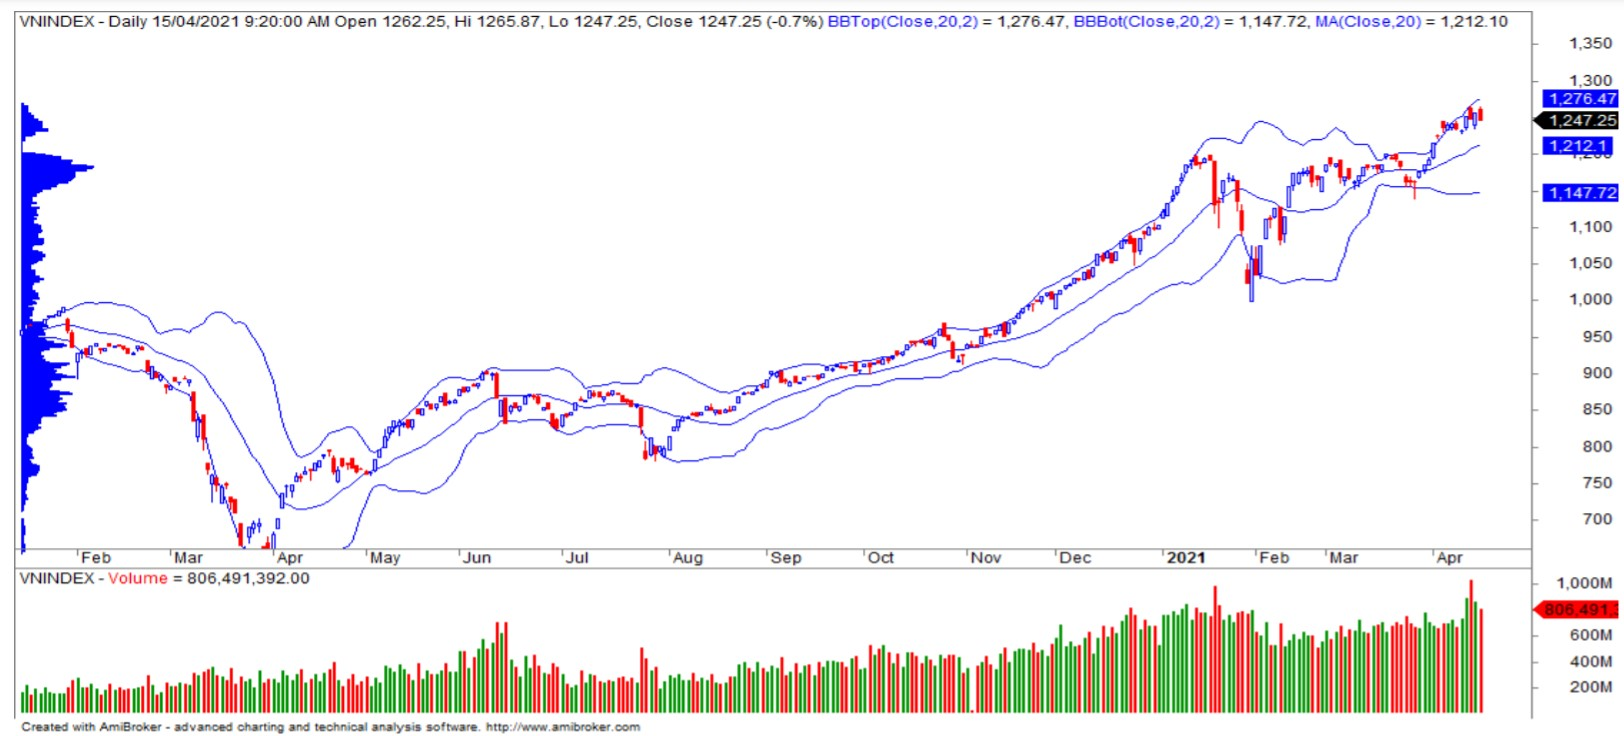 Nhận định thị trường chứng khoán ngày 16/4: Kiểm định vùng hỗ trợ 1.225 - 1.232  điểm - Ảnh 1.